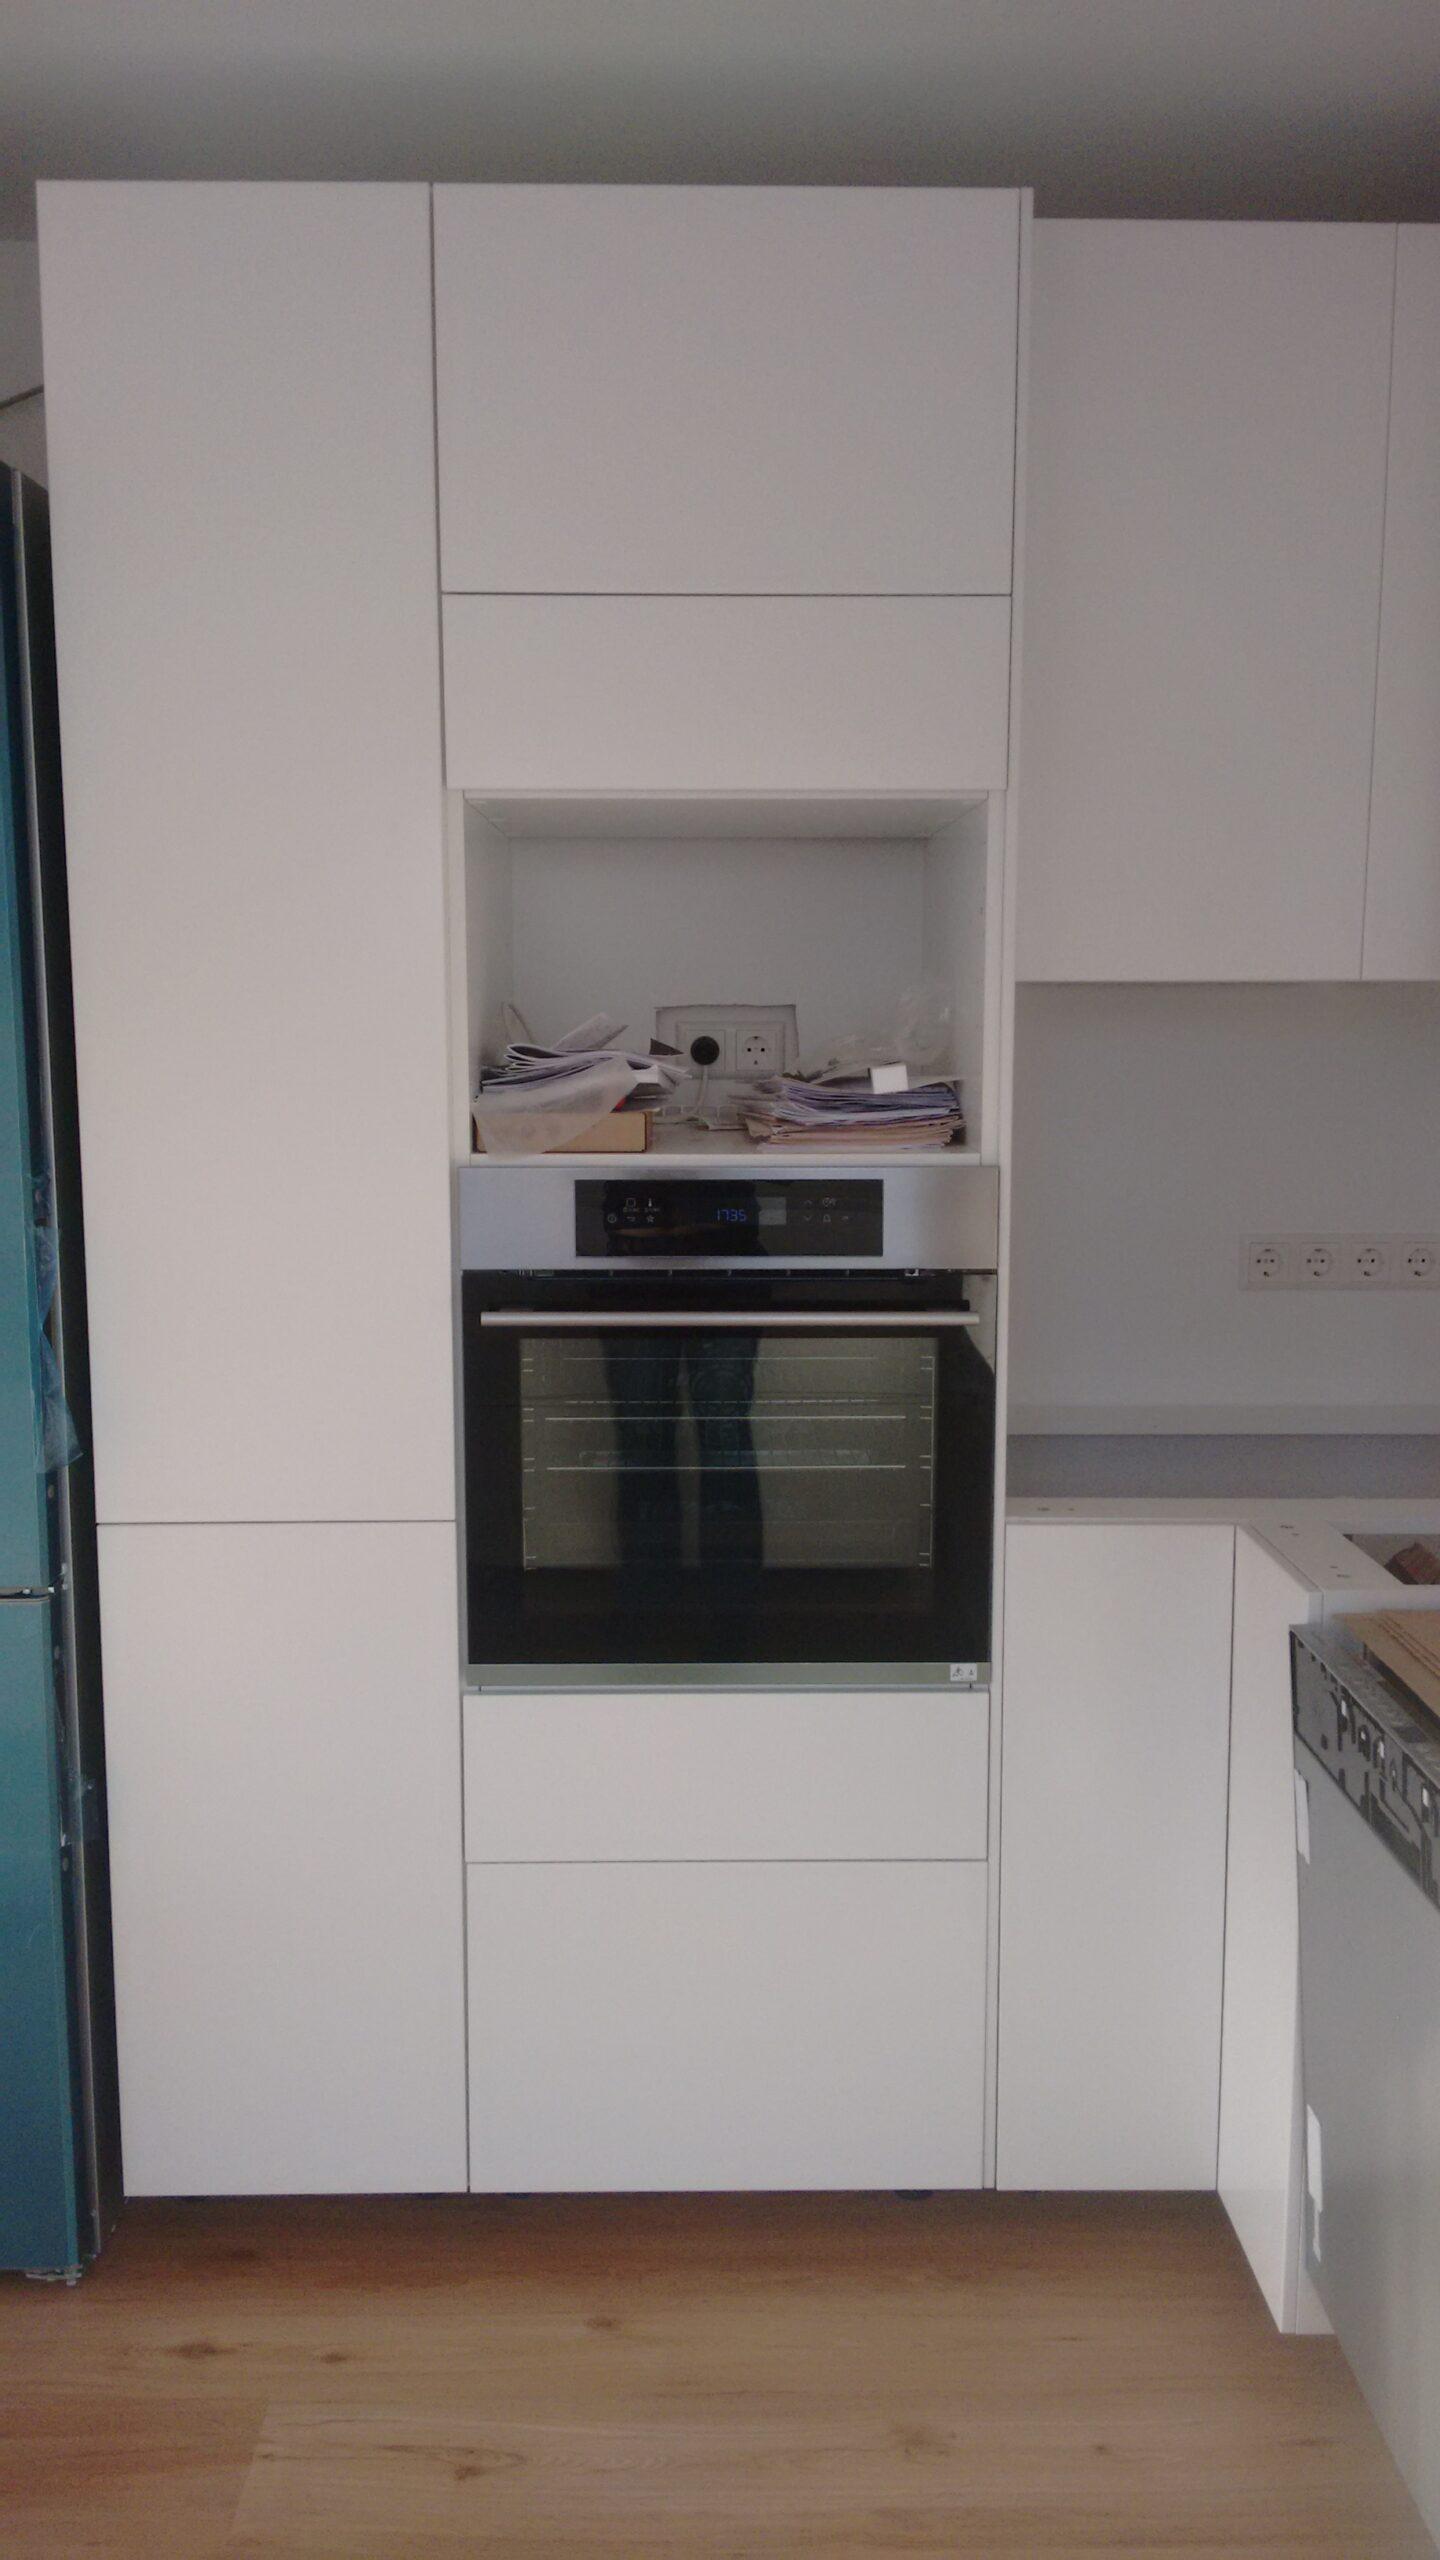 Full Size of Ikea Kchenplaner Apothekerschrank Kche Finanzieren Kchen Küche Wohnzimmer Apothekerschrank Halbhoch